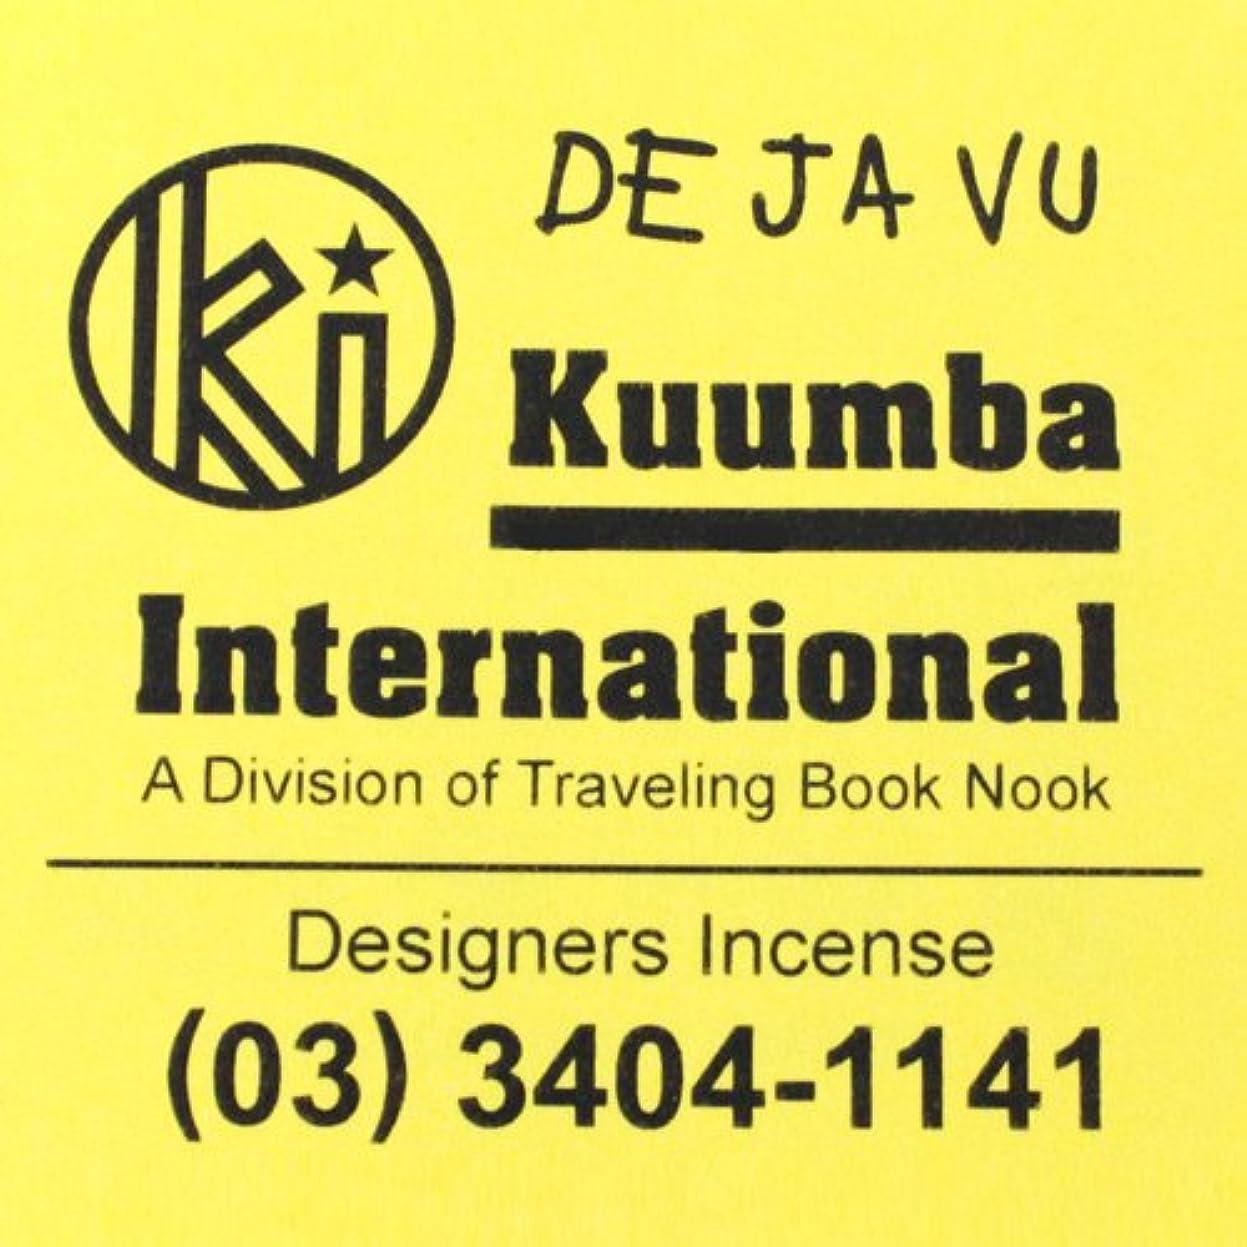 払い戻し容赦ない強化するKUUMBA (クンバ)『incense』(DE JA VU) (Regular size)